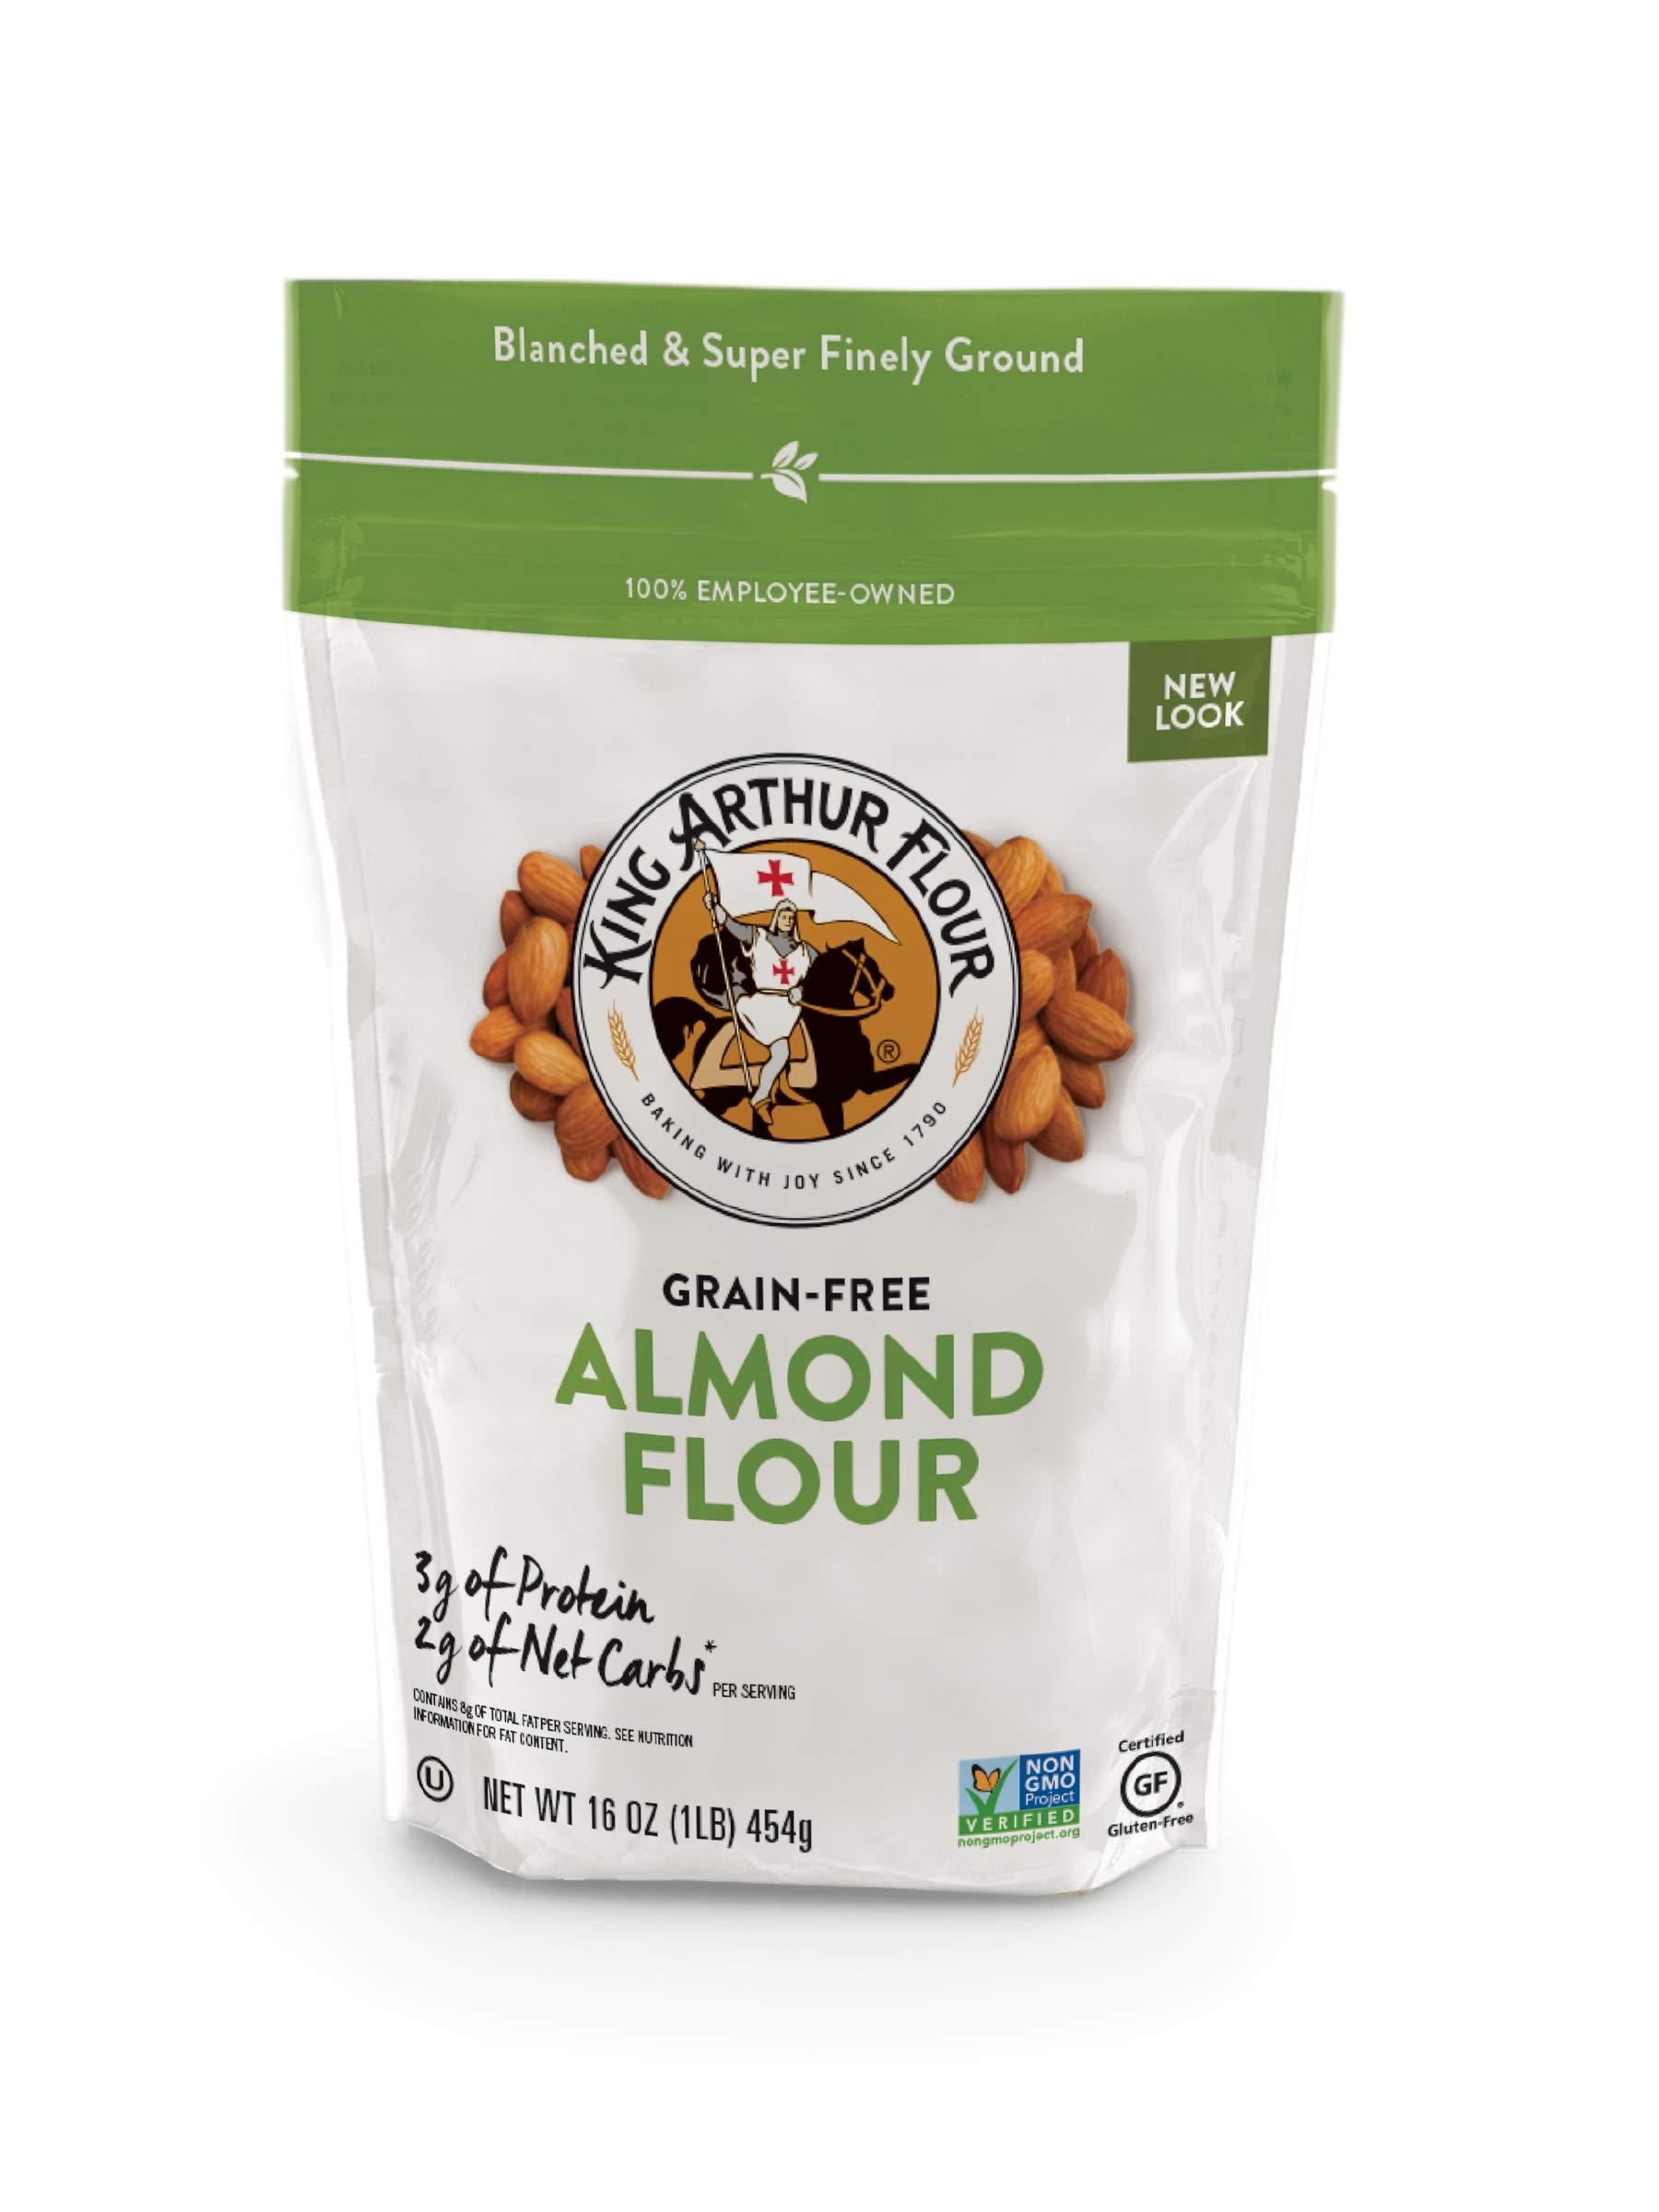 King Arthur Flour, Almond Flour, Gluten Free Certified, Non Gmo Verified, Finely Ground, 16 Oz, 4Count by King Arthur Flour